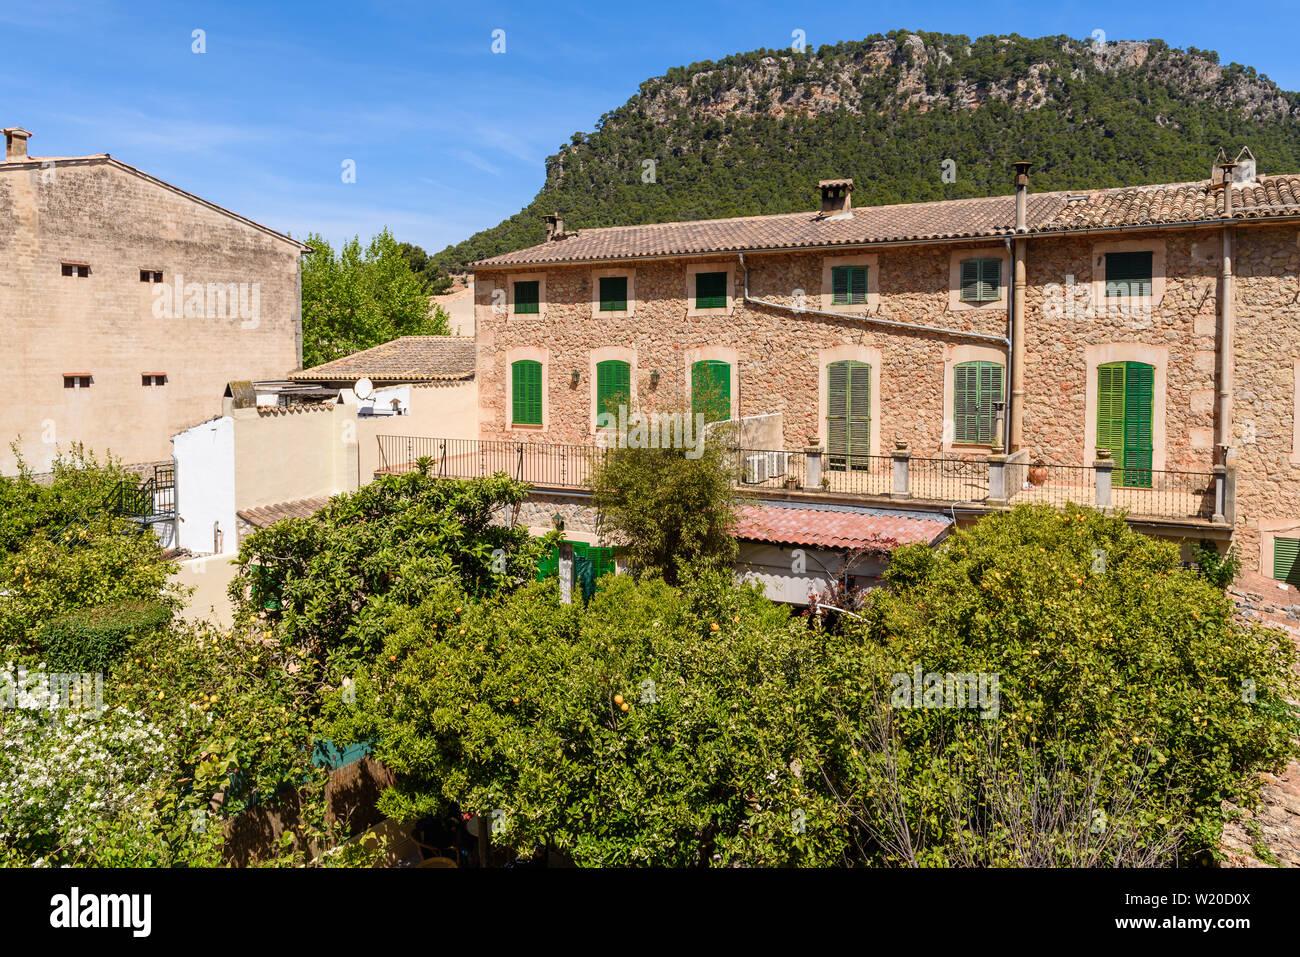 Beautiful architecture in Valldemossa town, Mallorca, Spain, Europe Stock Photo